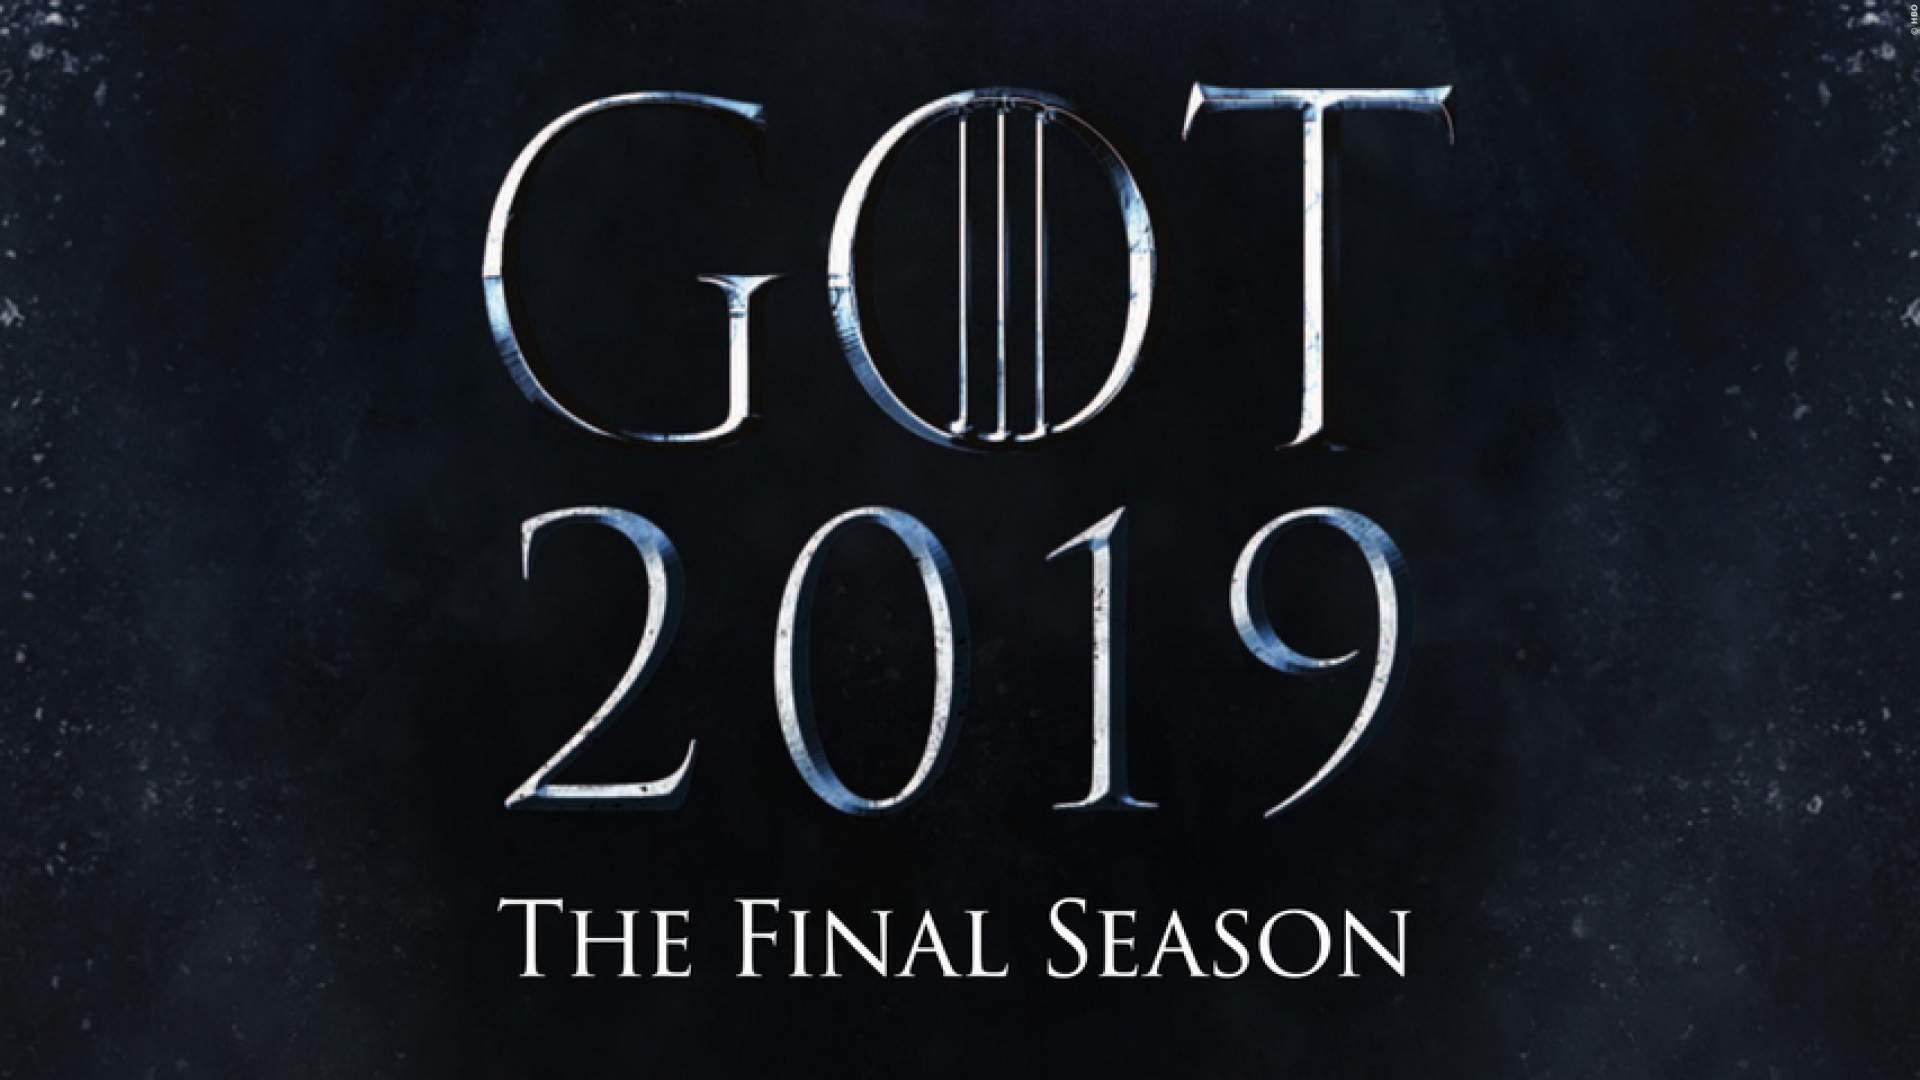 Game Of Thrones Staffel 8: Erstes Bild veröffentlicht - Bild 1 von 2